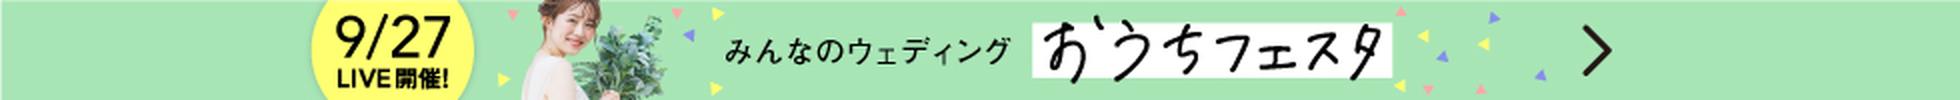 みんなのウェディングおうちフェスタは9/27(日)LIVE開催!